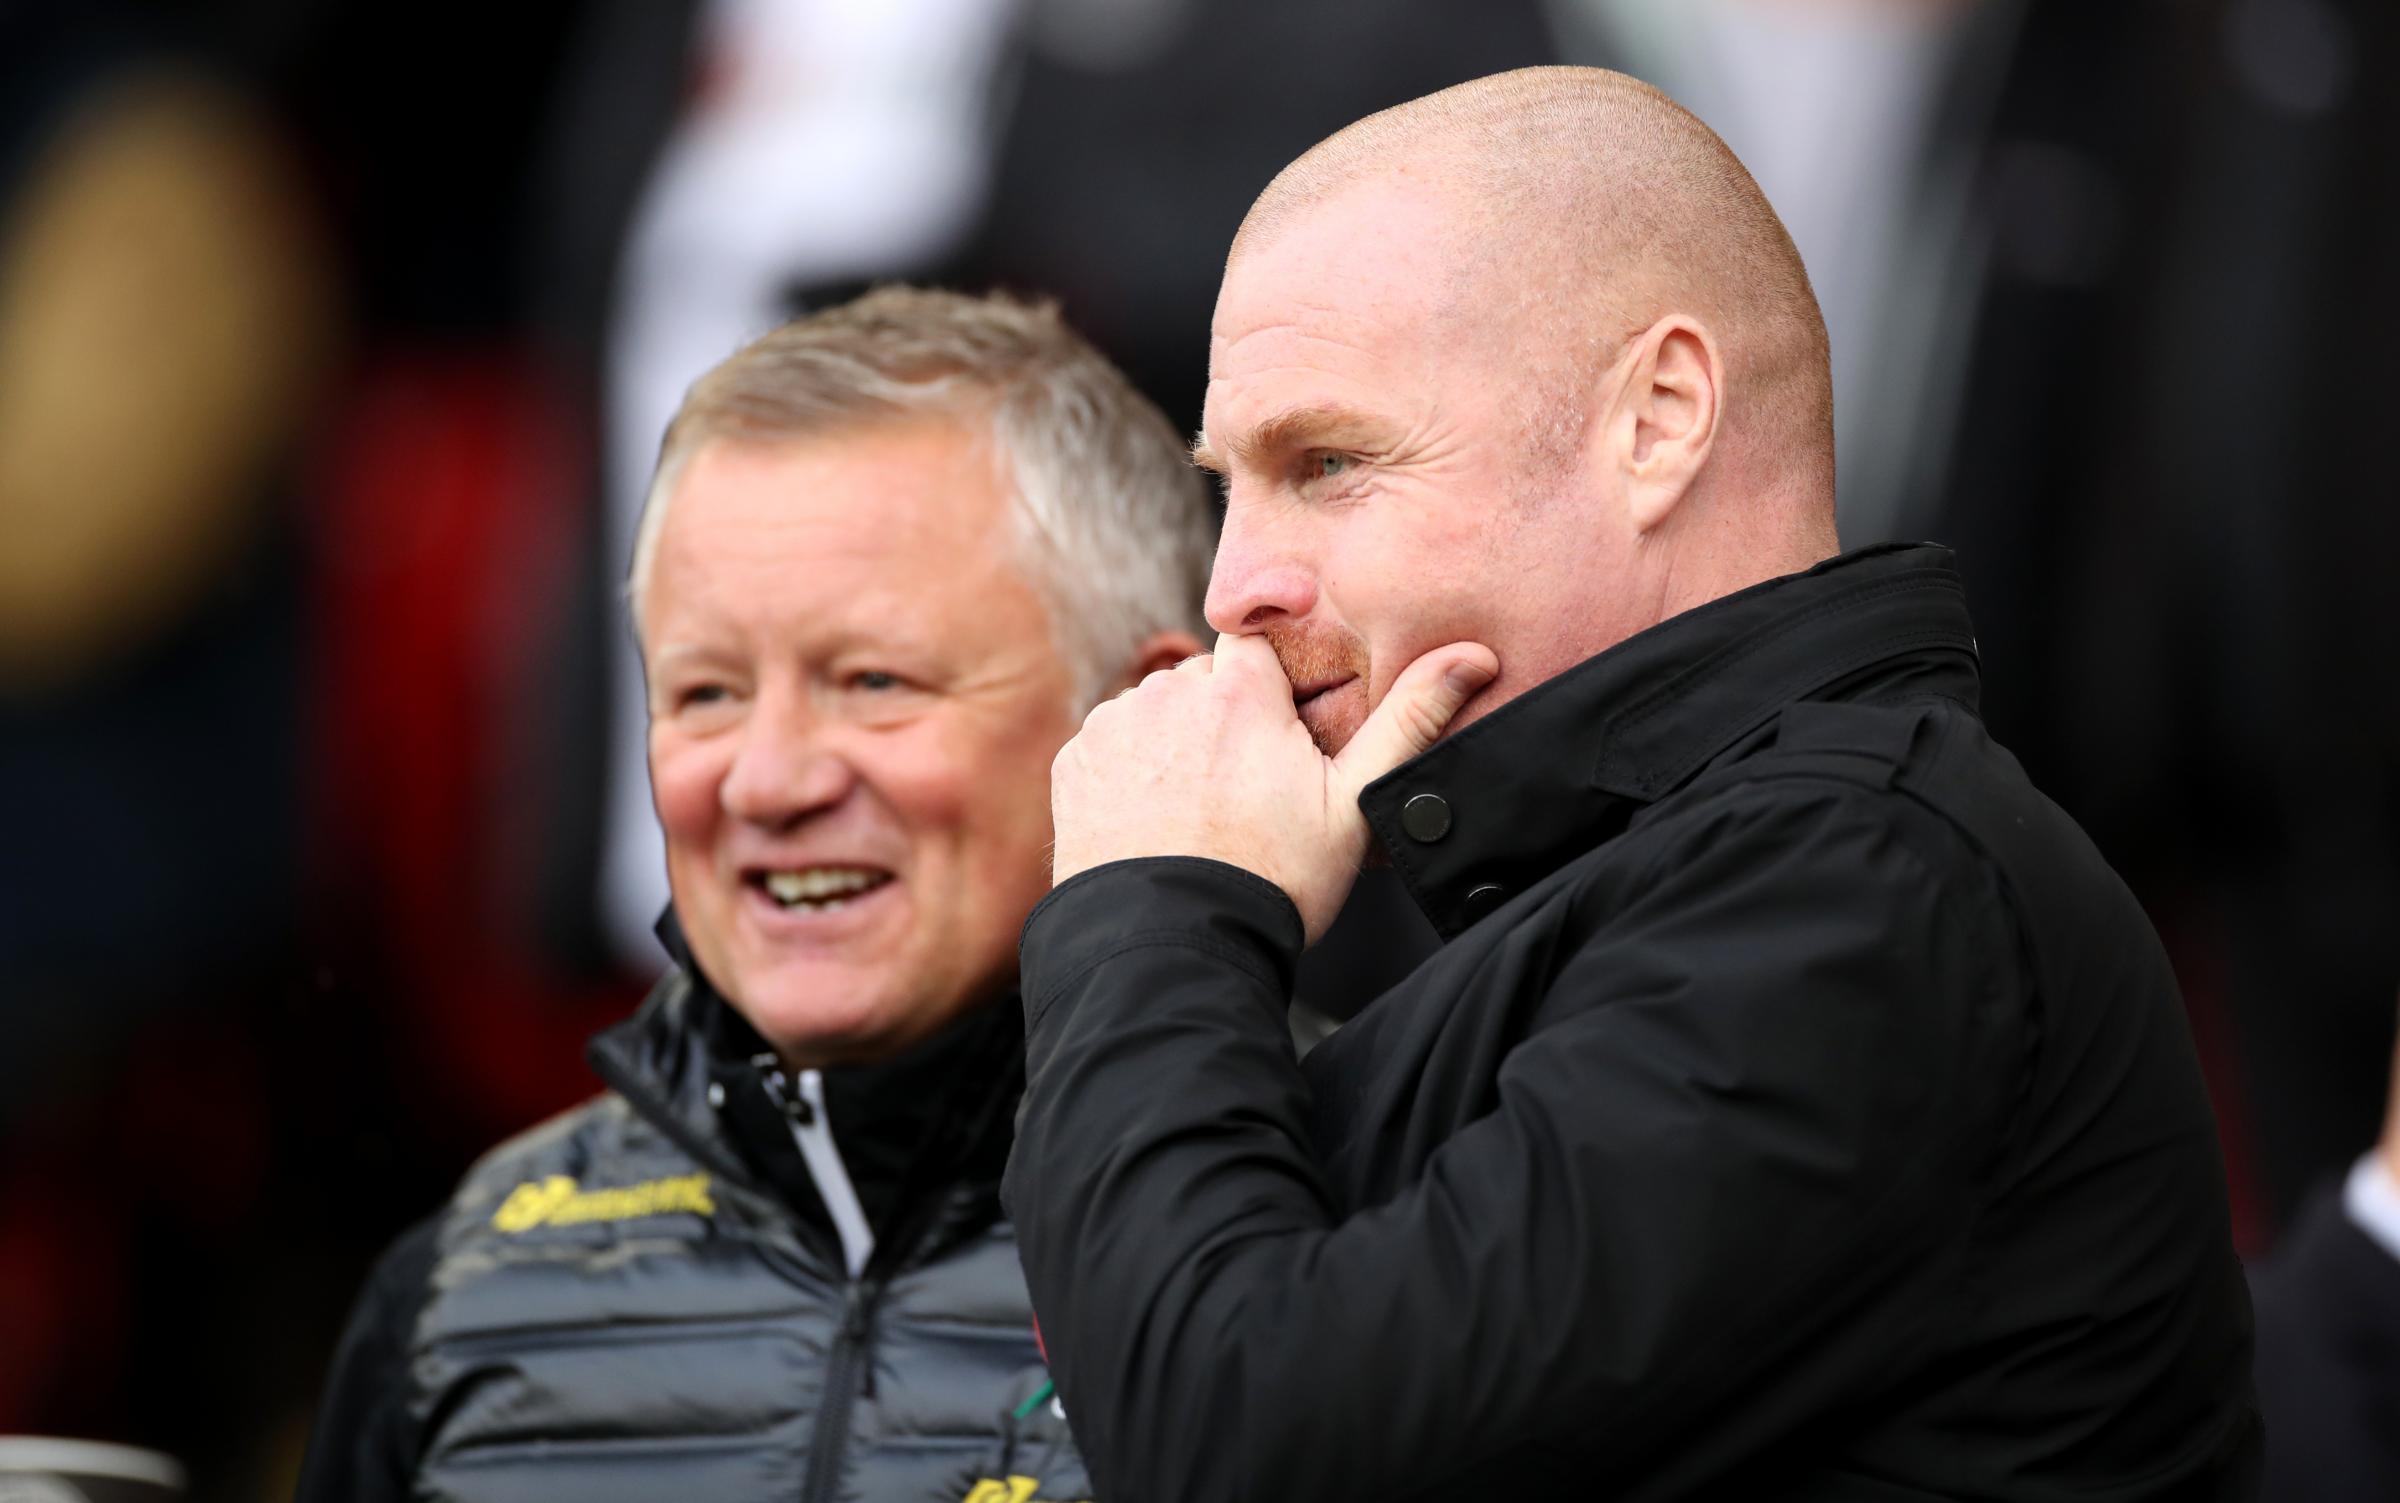 Chris Wilder believes Sean Dyche deserves better amid Burnley speculation